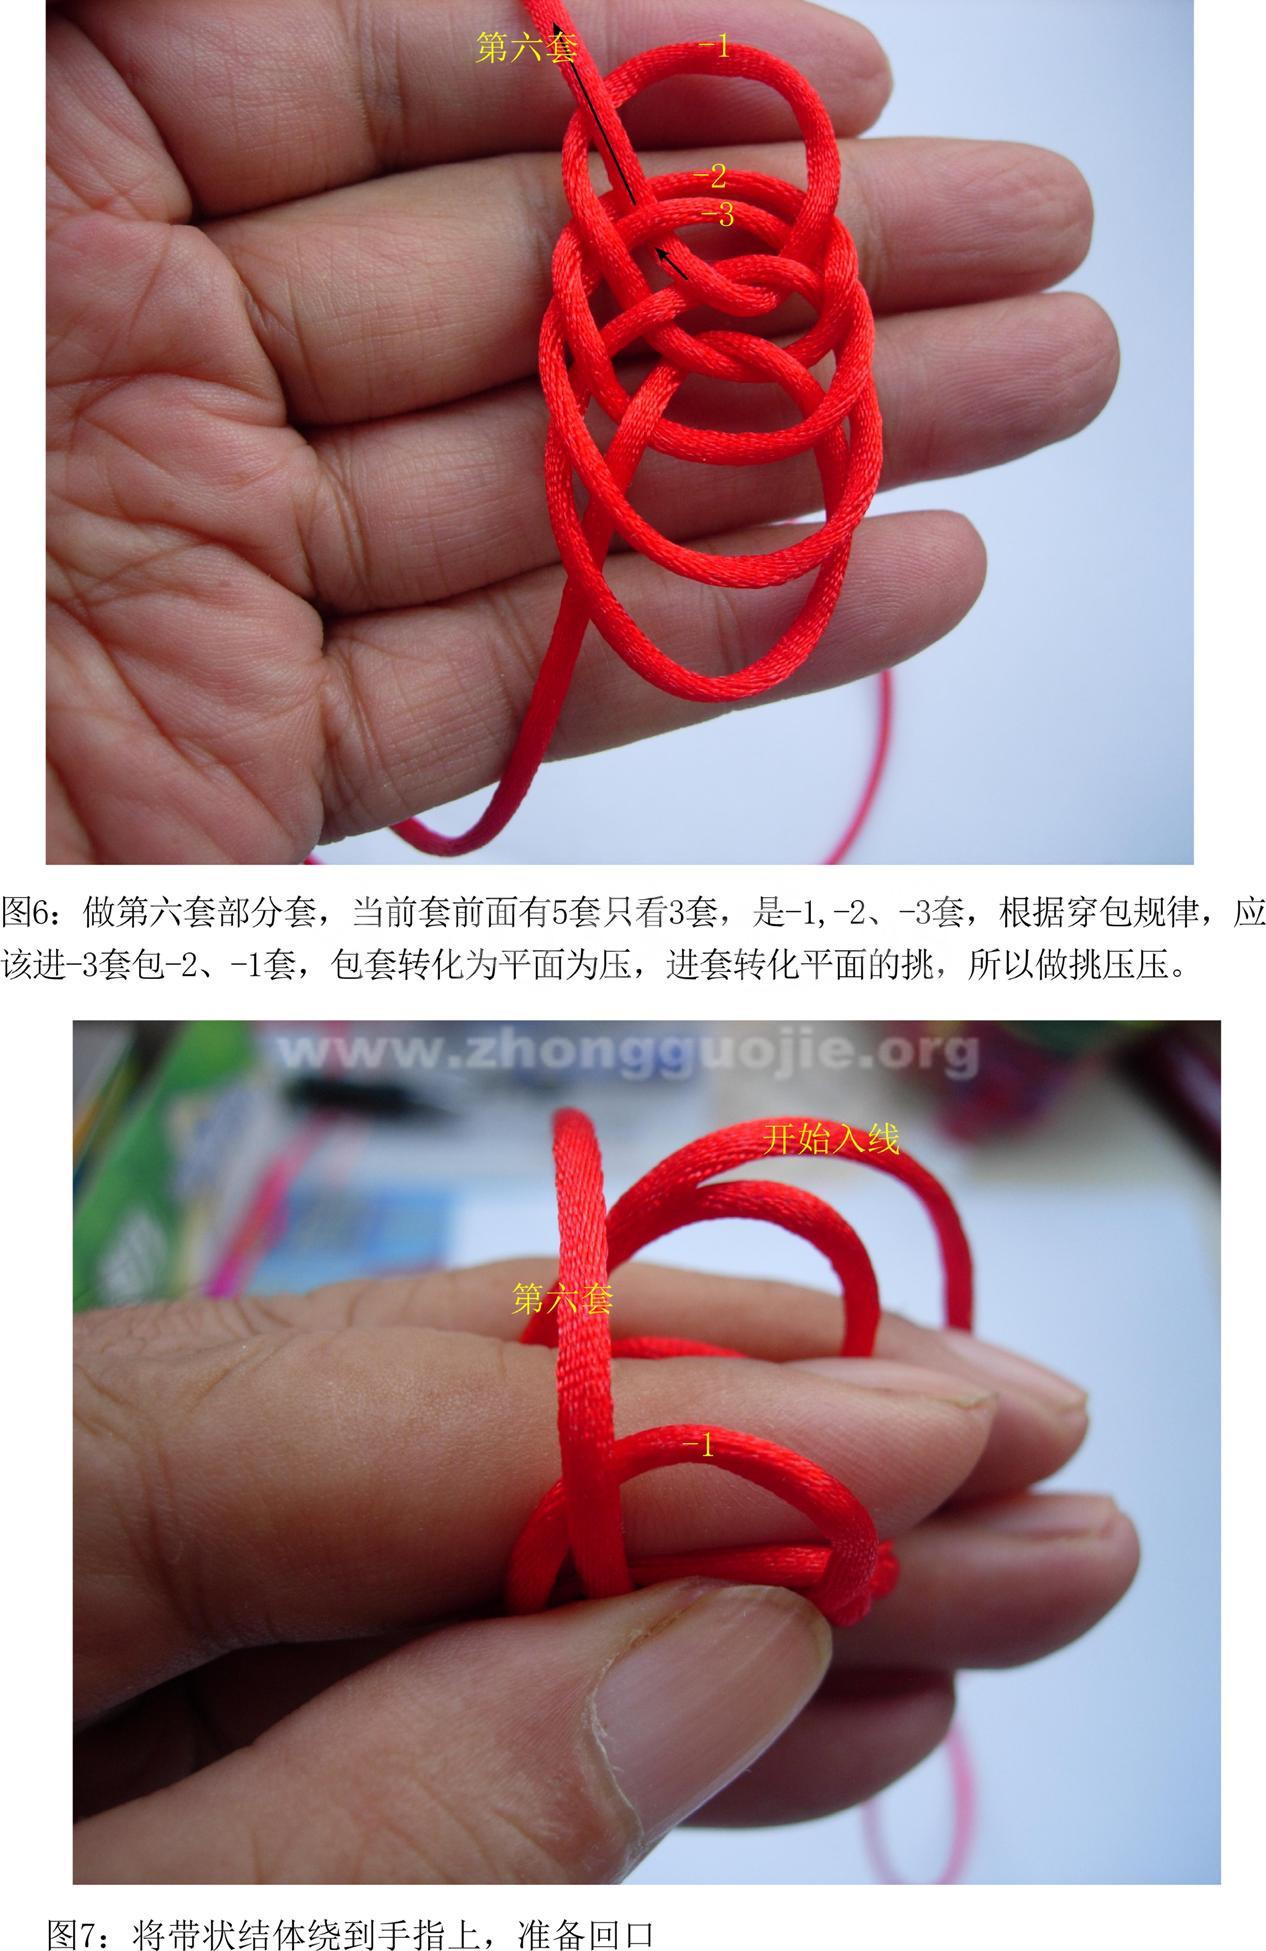 中国结论坛 8套1-2星辰结徒手编结过程  丑丑徒手编结 123510w1721g07nc5gtc12